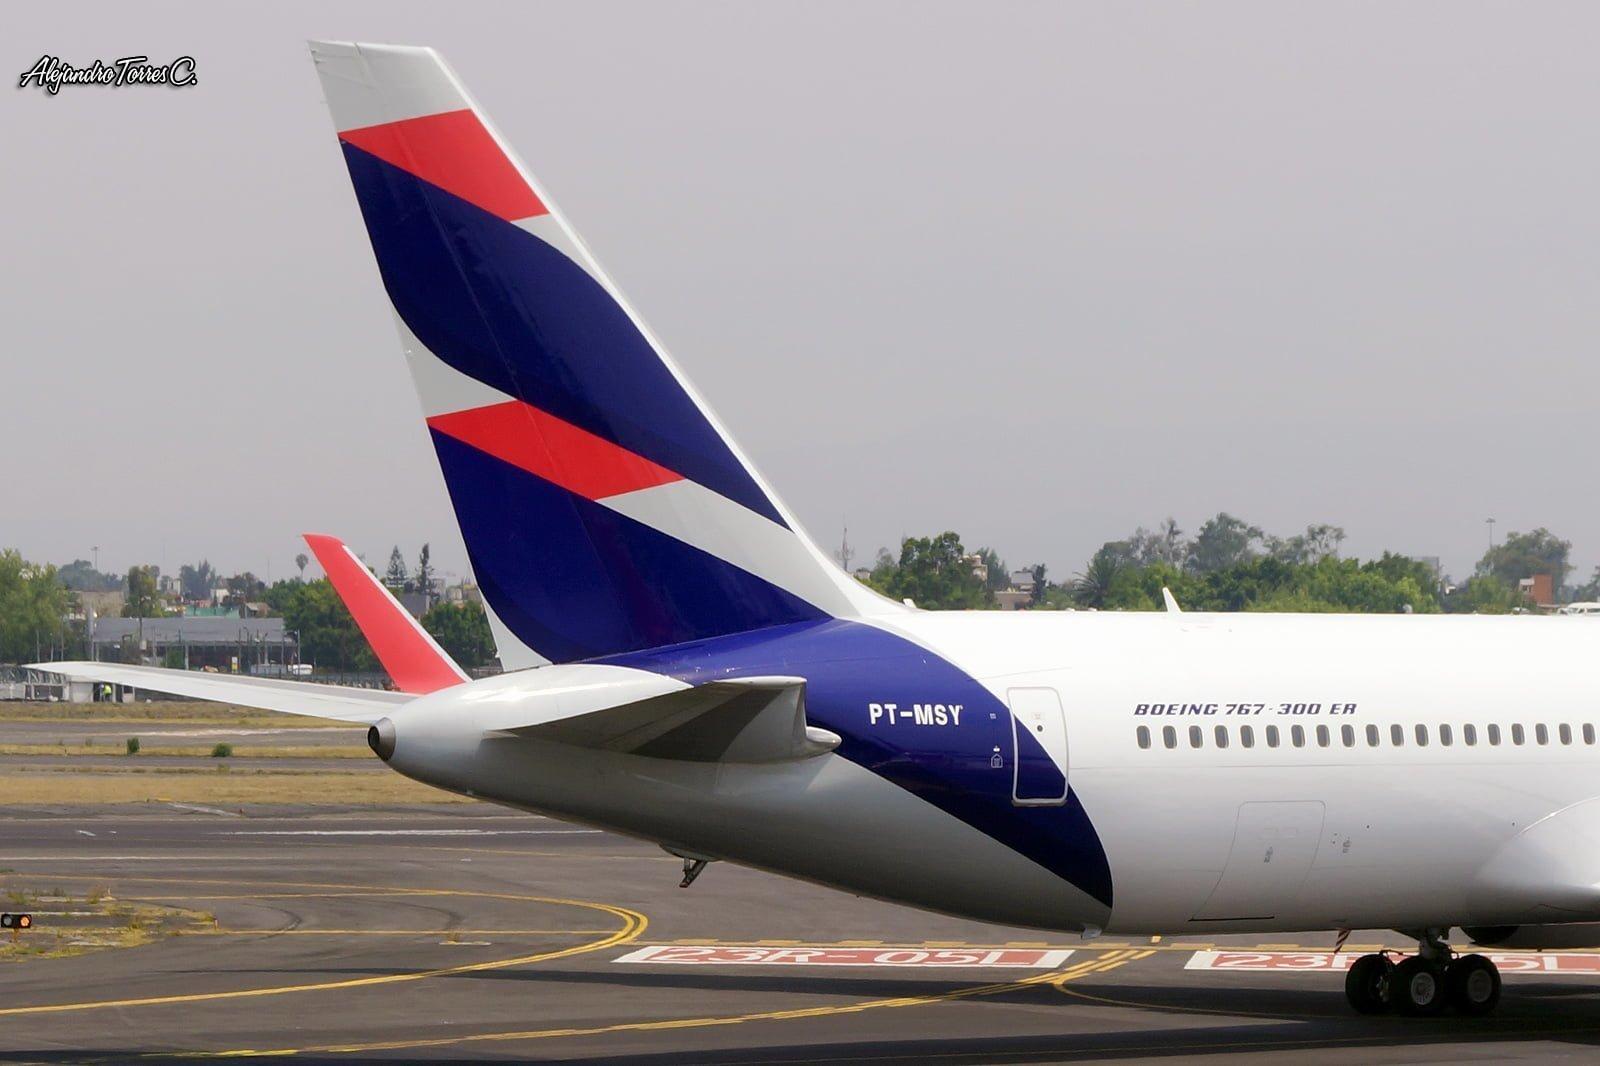 Detalle de la cola del nuevo livery de LATAM Airlines